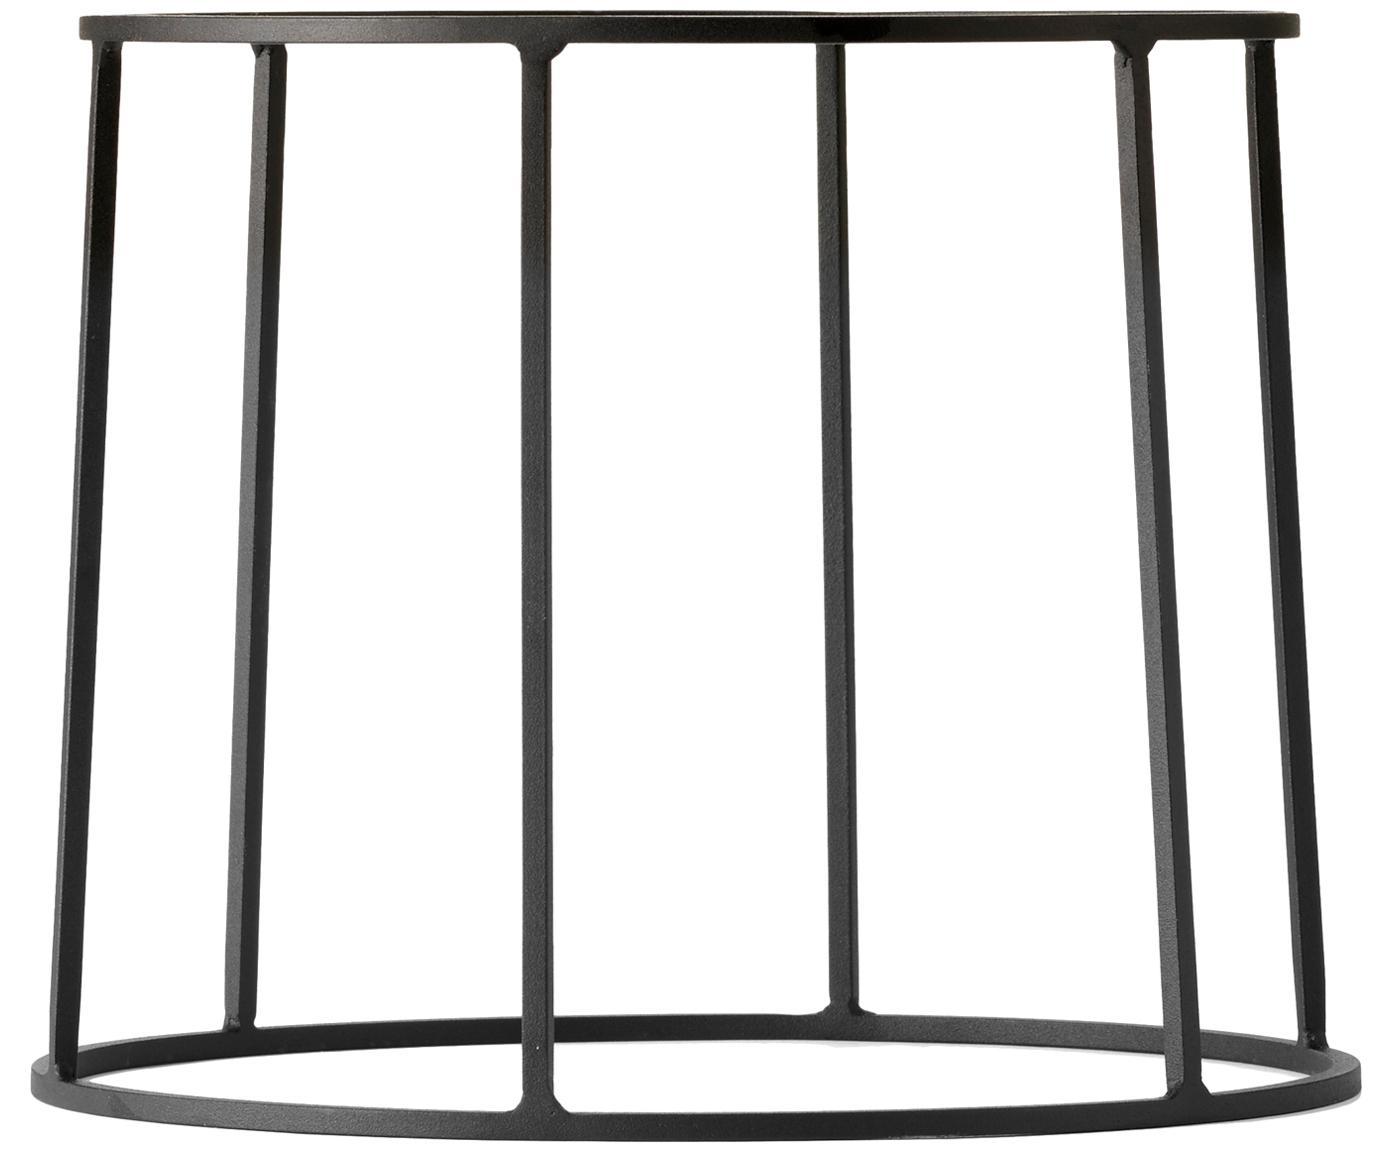 Plantenpot standaard Wire Base van staal, Gepoedercoat staal, Zwart, Ø 23 cm